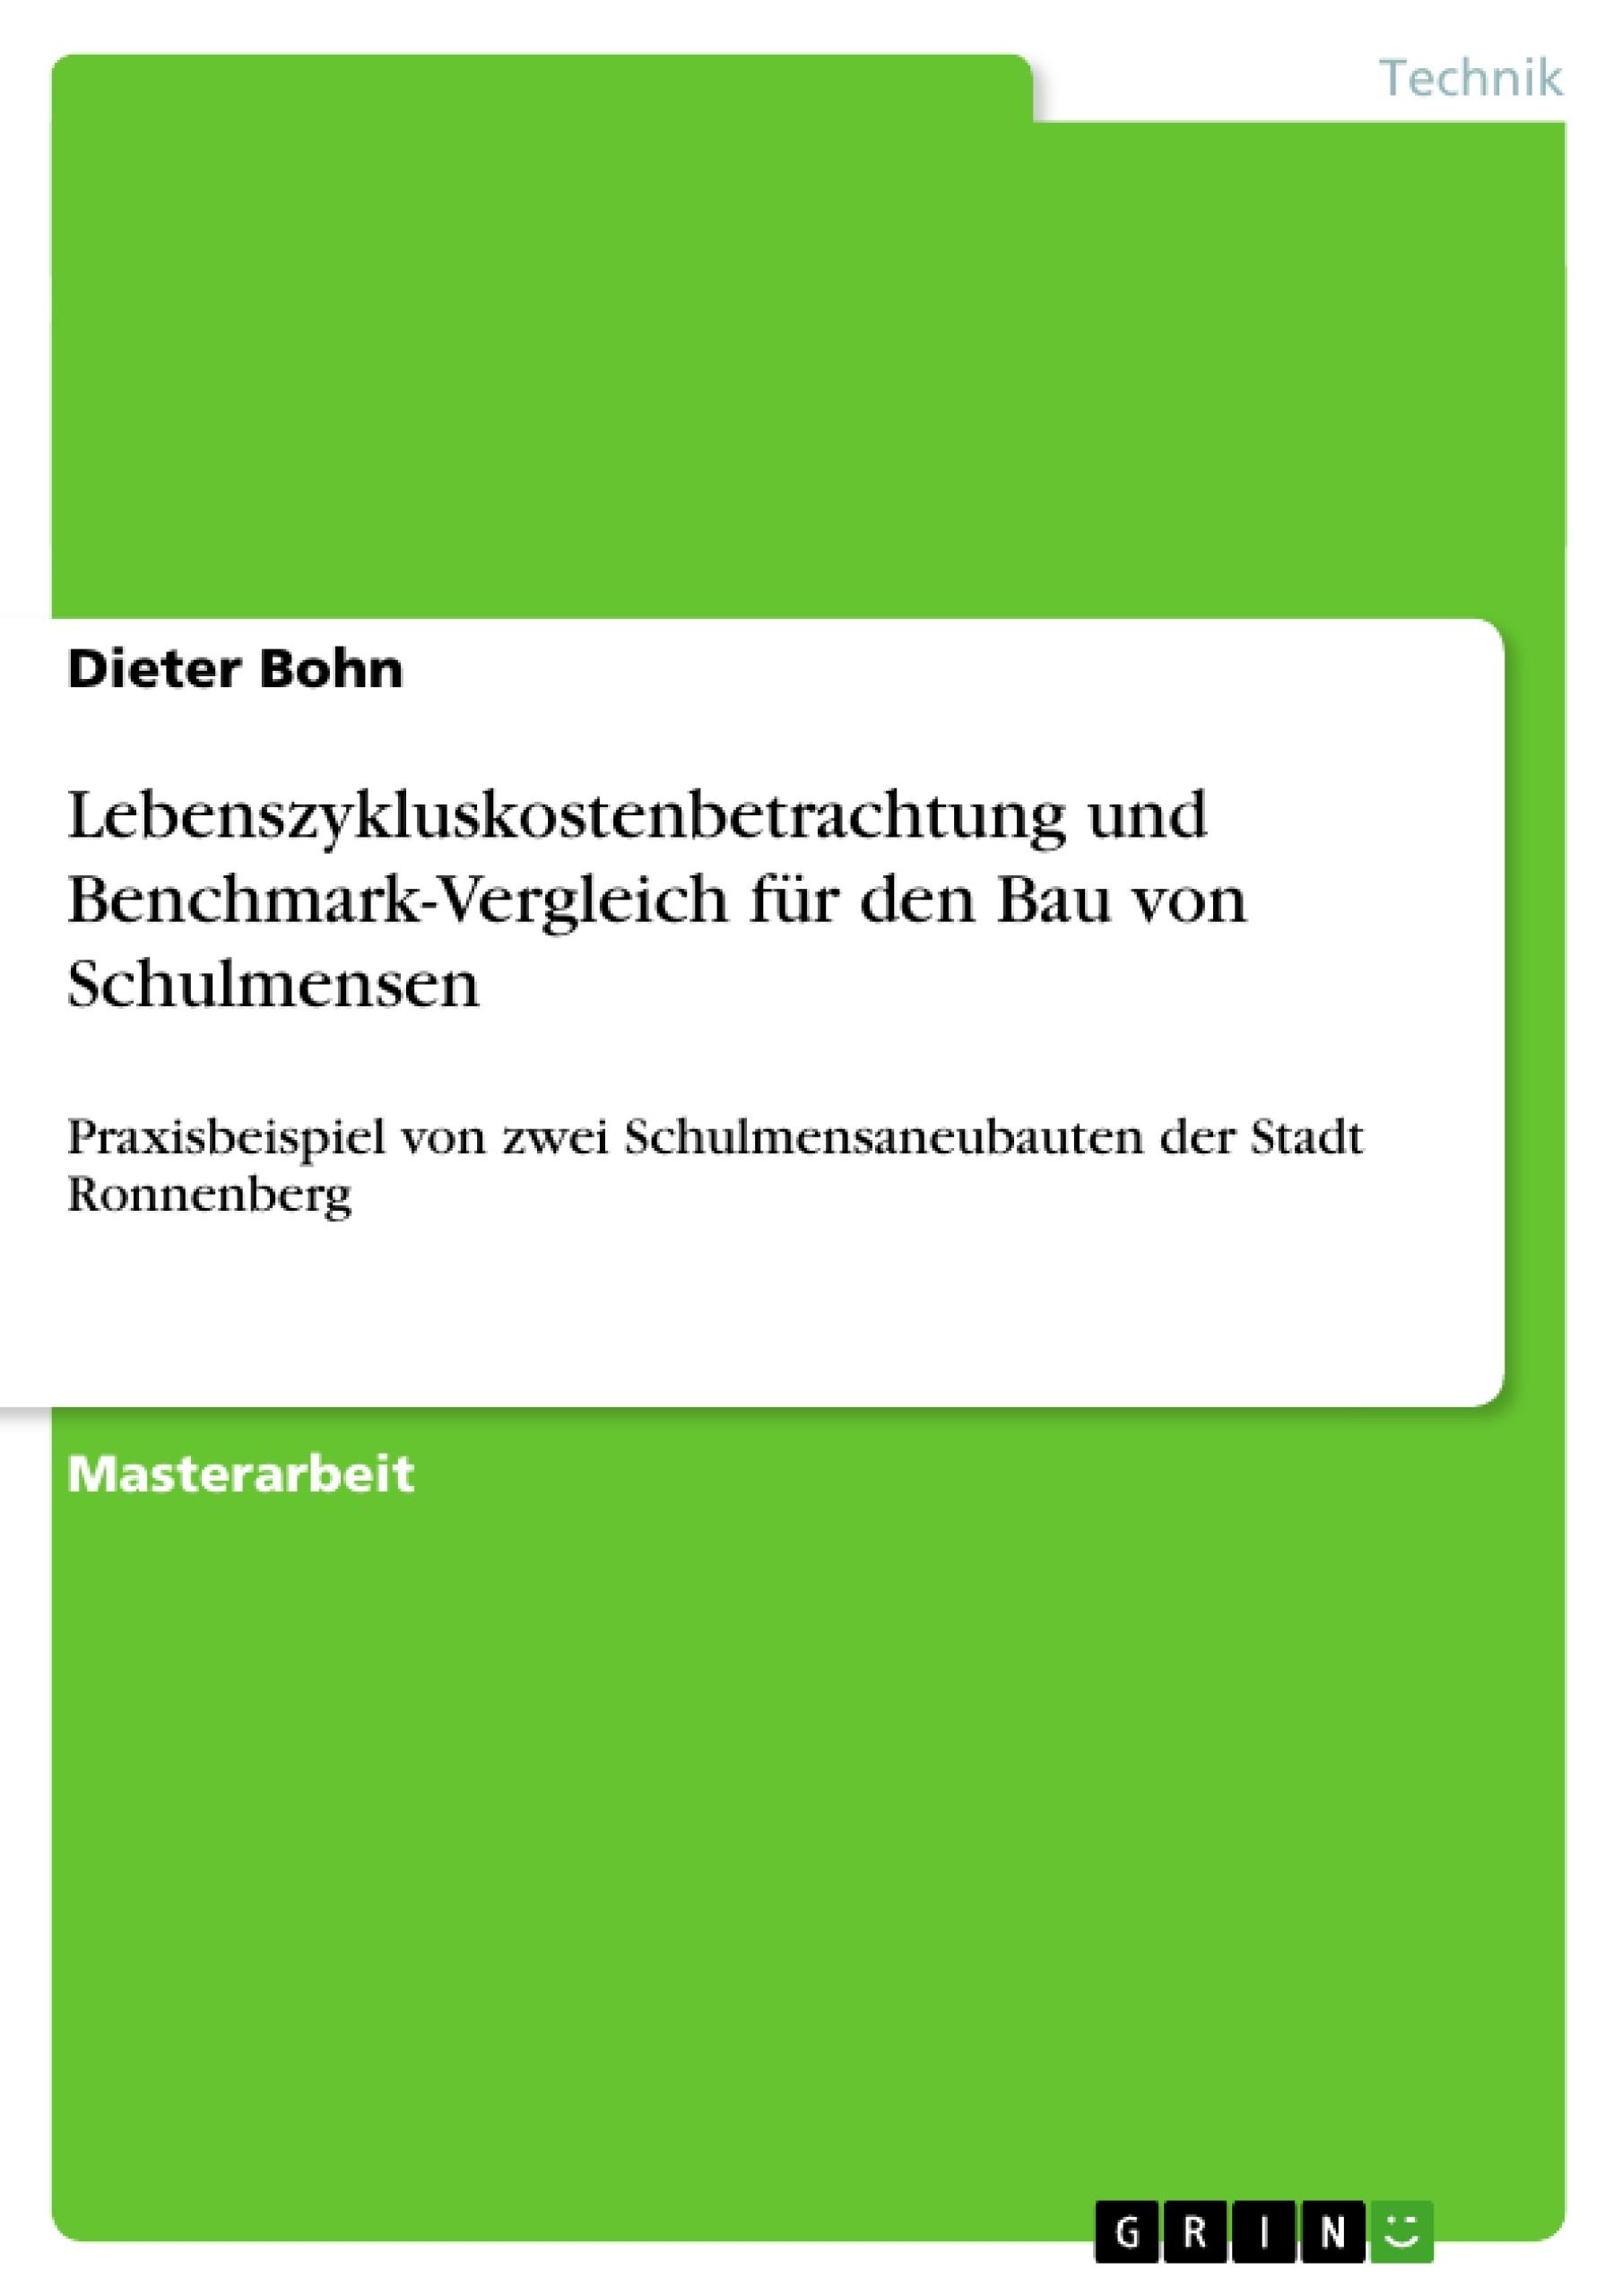 Titel:  Lebenszykluskostenbetrachtung und Benchmark-Vergleich für den Bau von Schulmensen